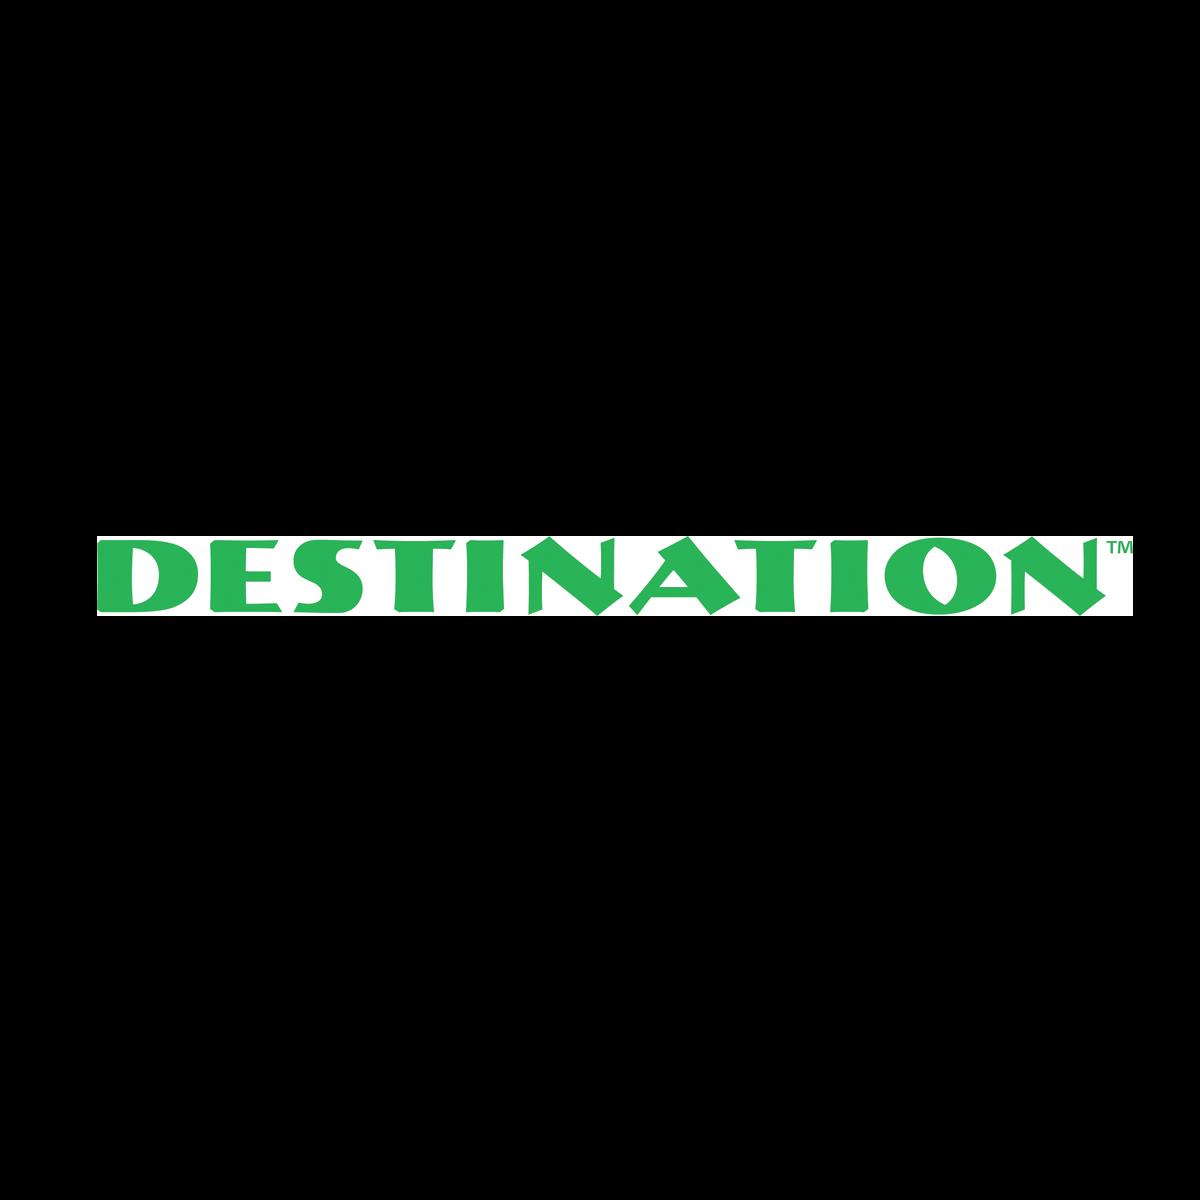 Logo_Destination02